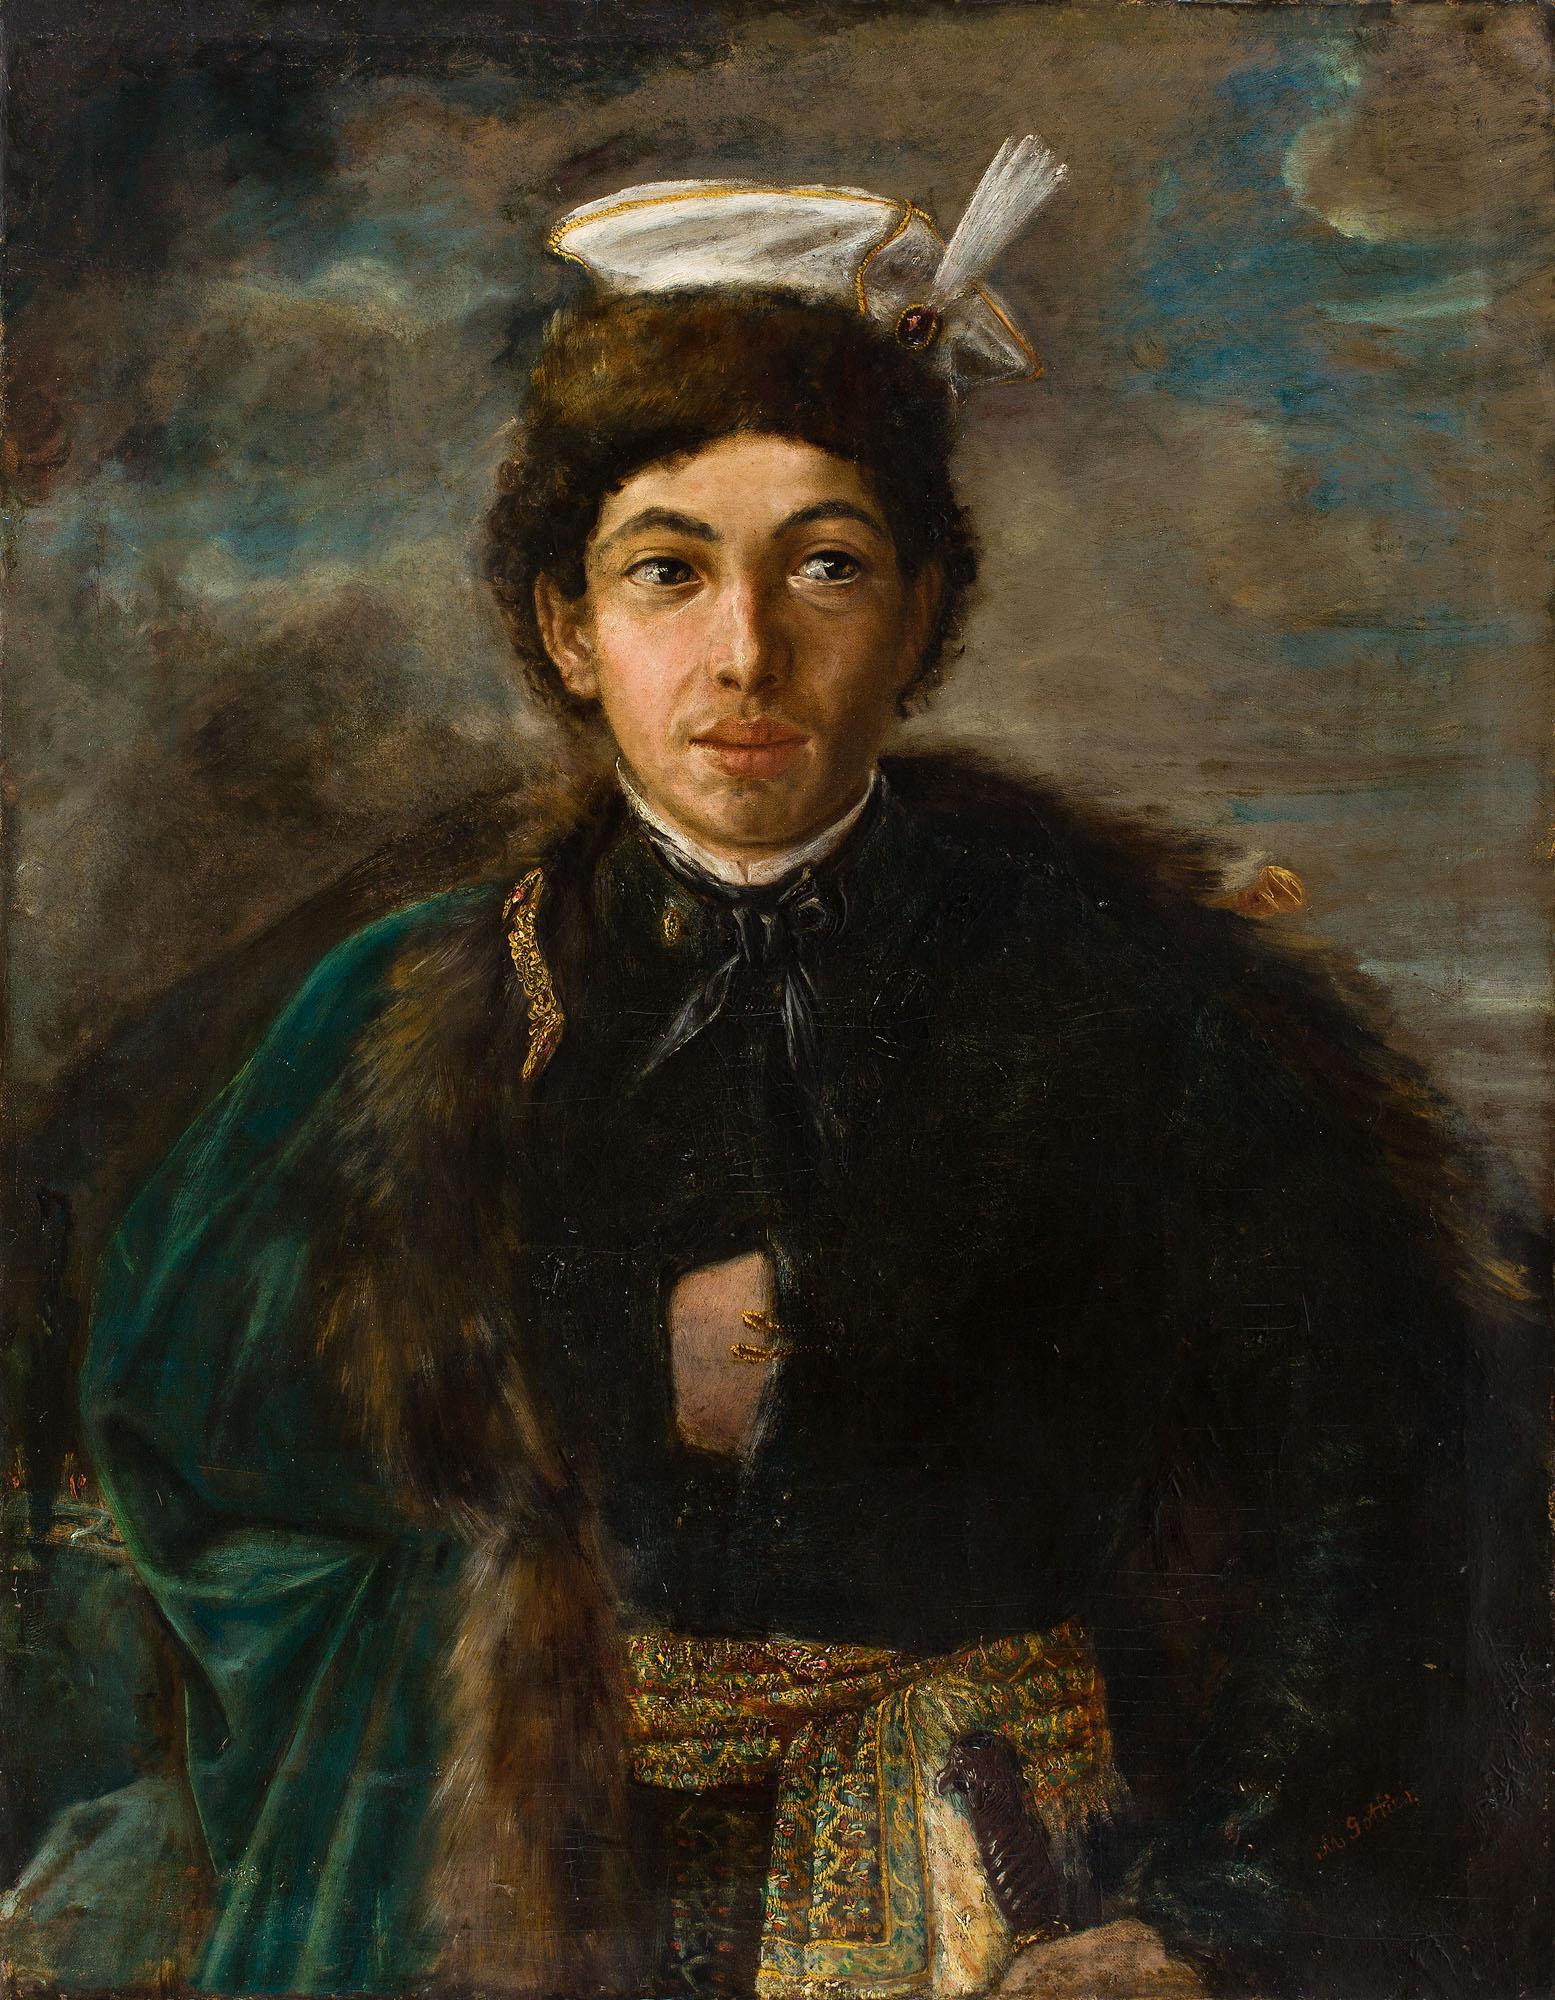 Maurycy Gottlieb, Autoportret w stroju polskiego szlachcica, 1874. Depozyt w POLIN Muzeum Historii Żydów Polskich